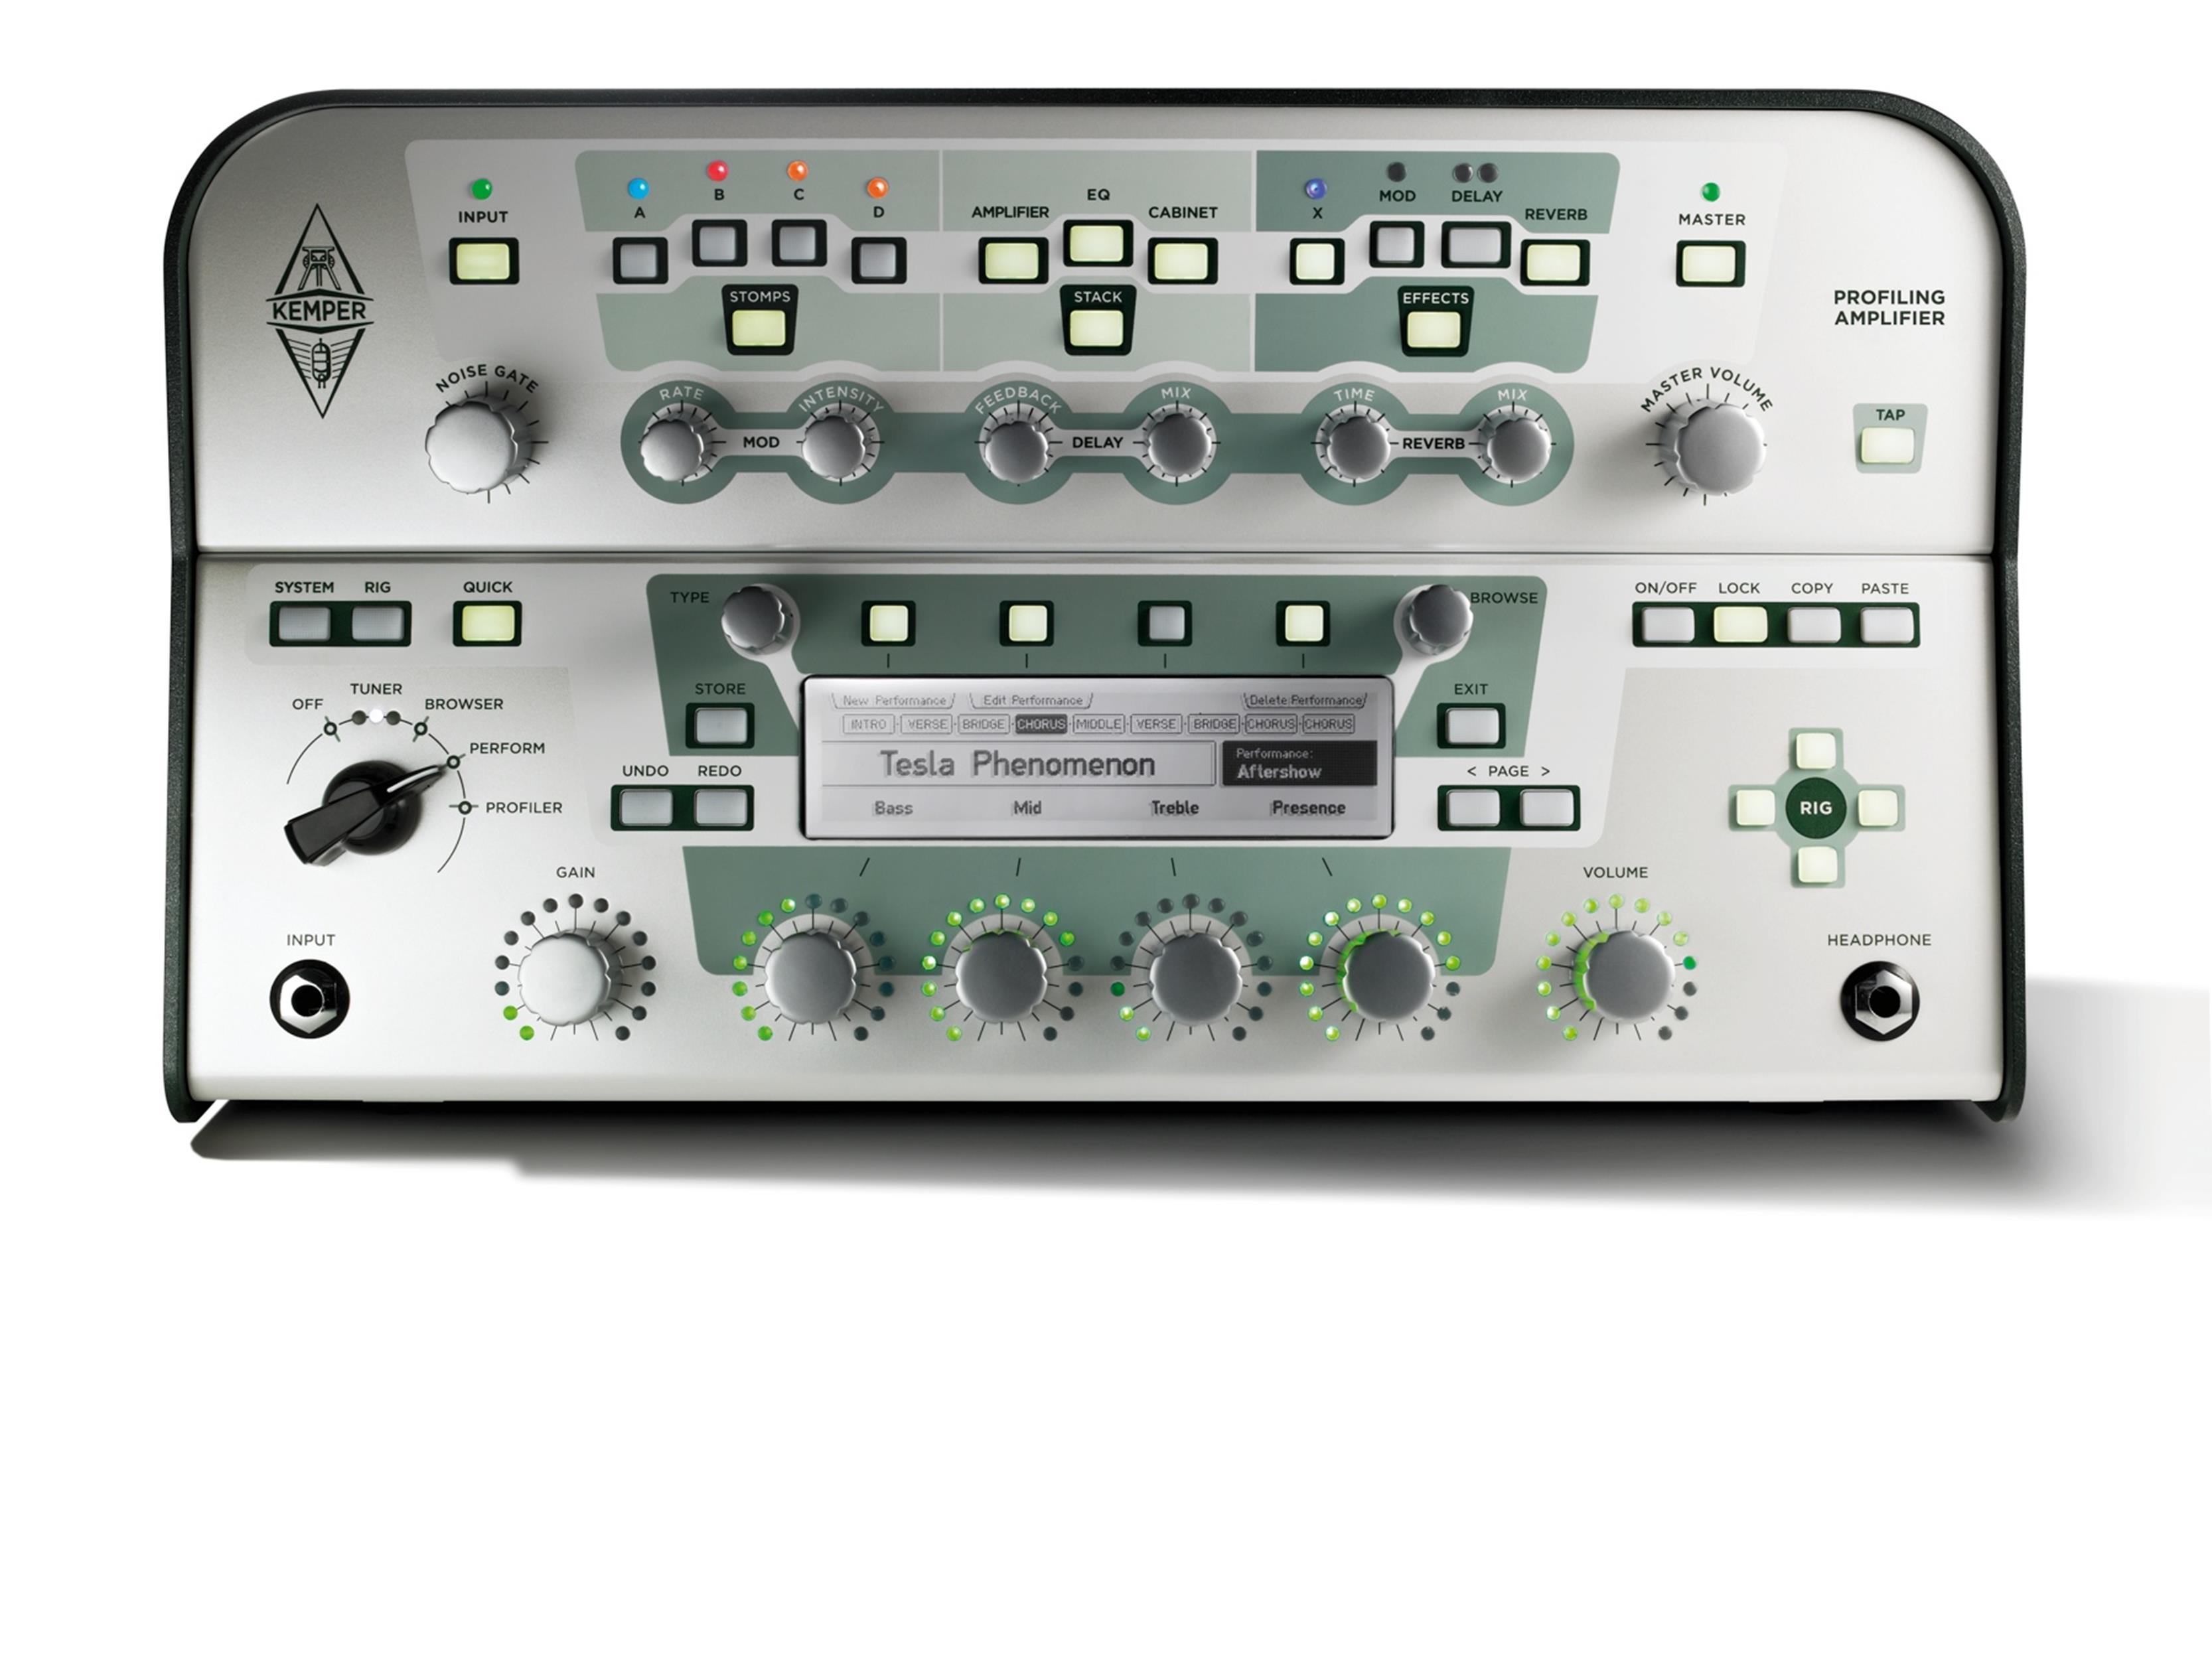 KEMPER PROFILER HEAD CLASSIC WHITE - Chitarre Amplificatori - Testate